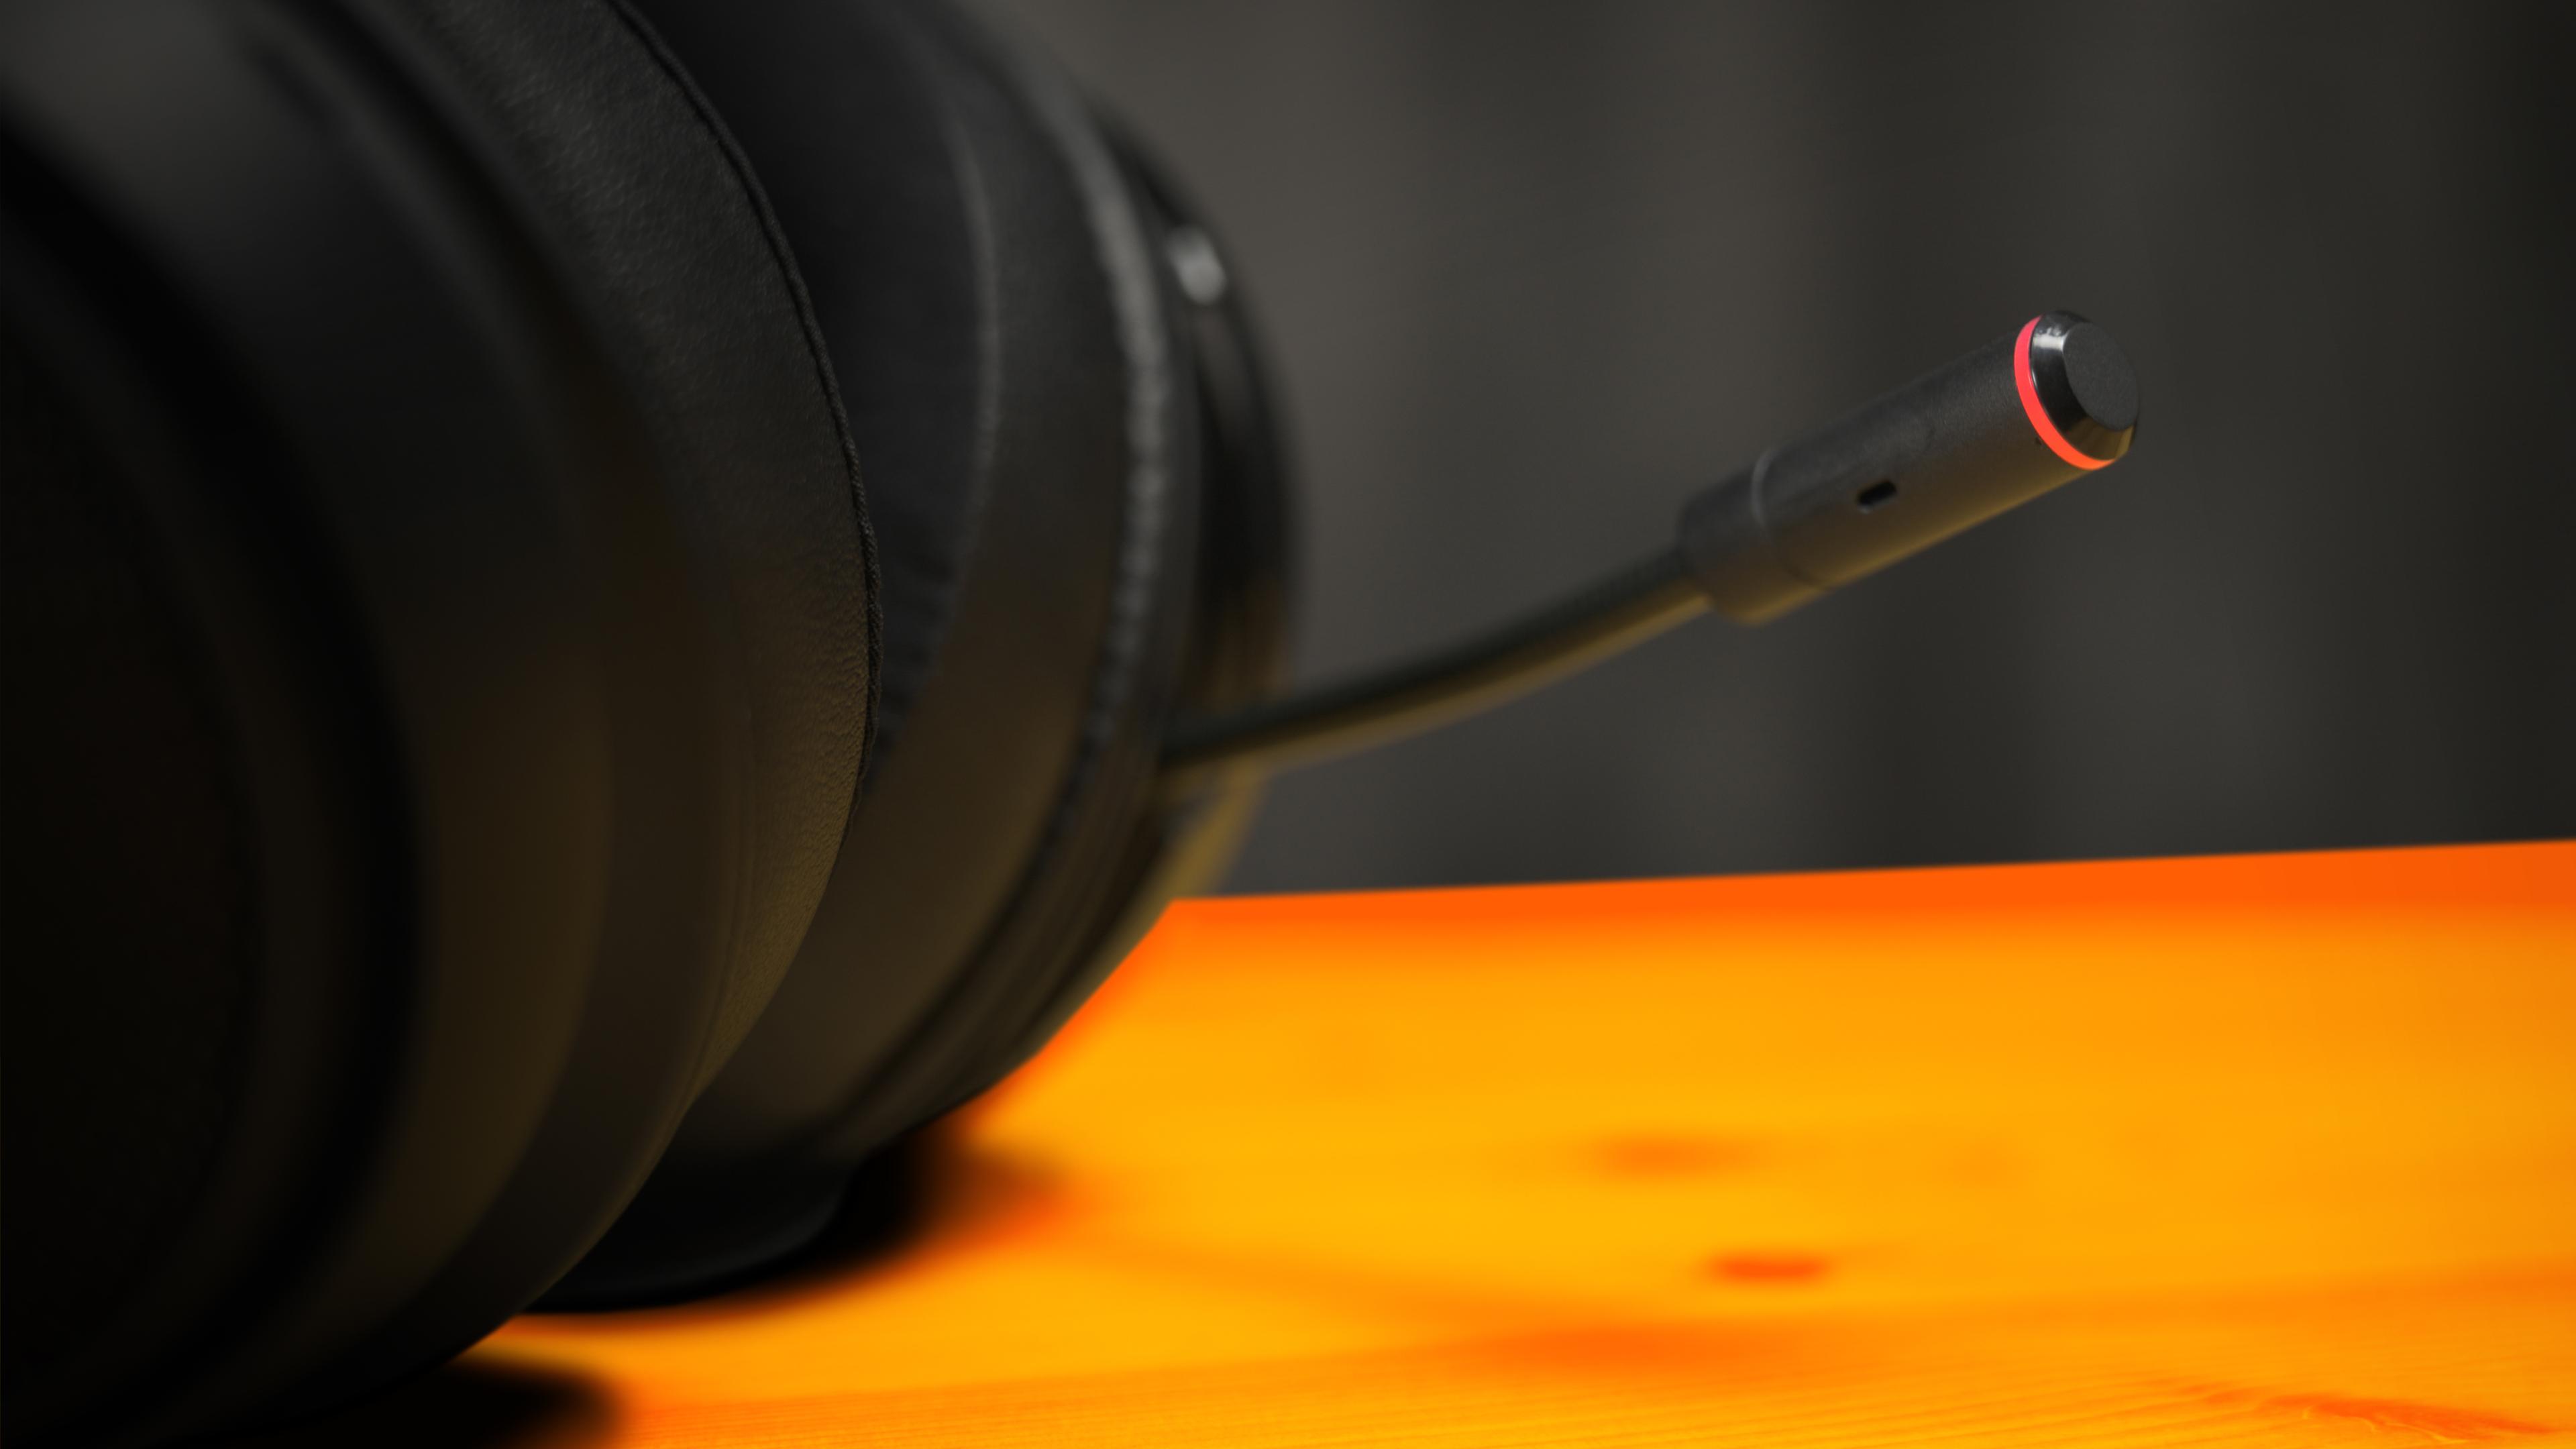 Close-up van de microfoon van de Razer Kraken Ultimate, met daarop zichtbaar de rode ringverlichting op de click-to-mute functie.